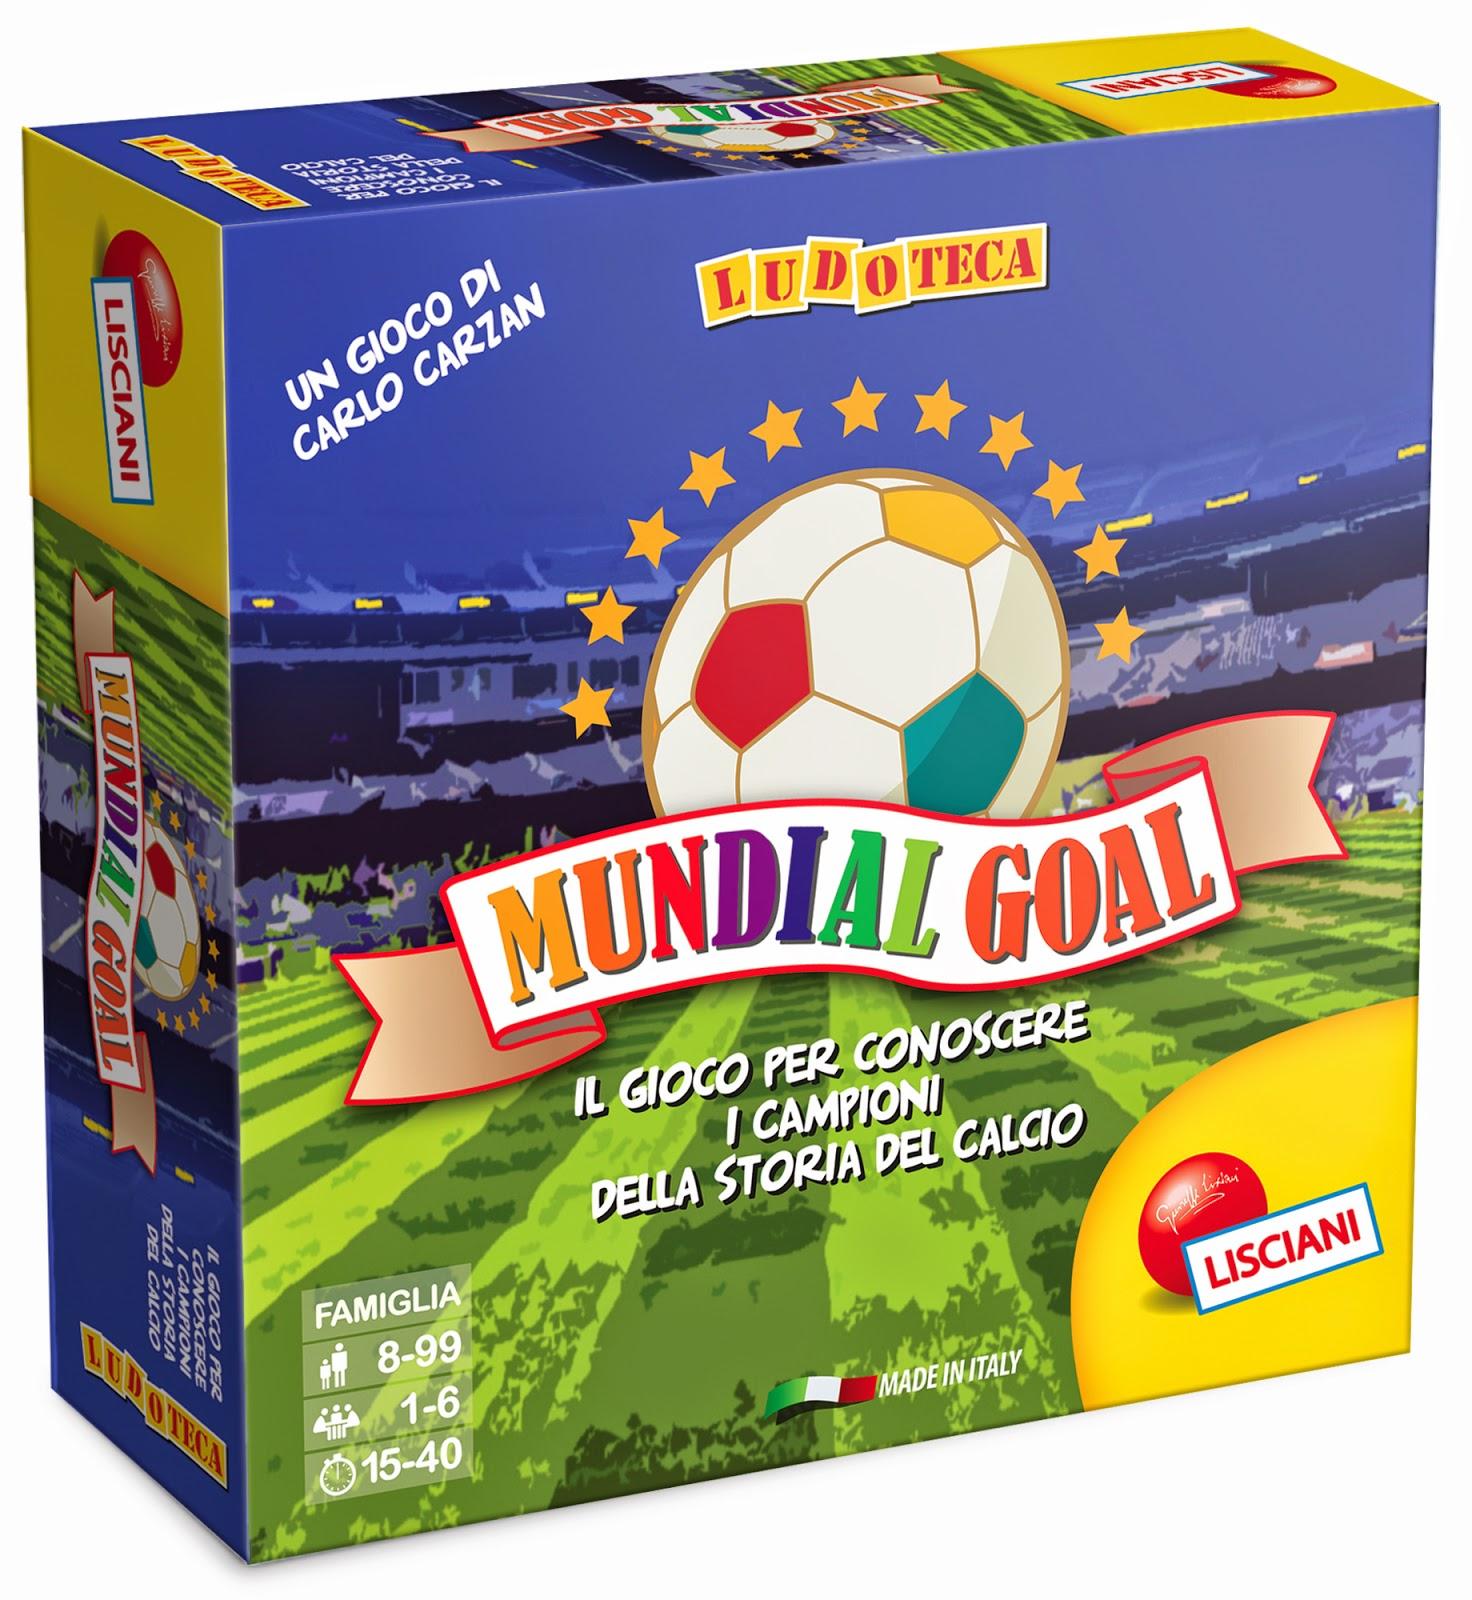 mundial goal : giochiamo ai mondiali con lisciani